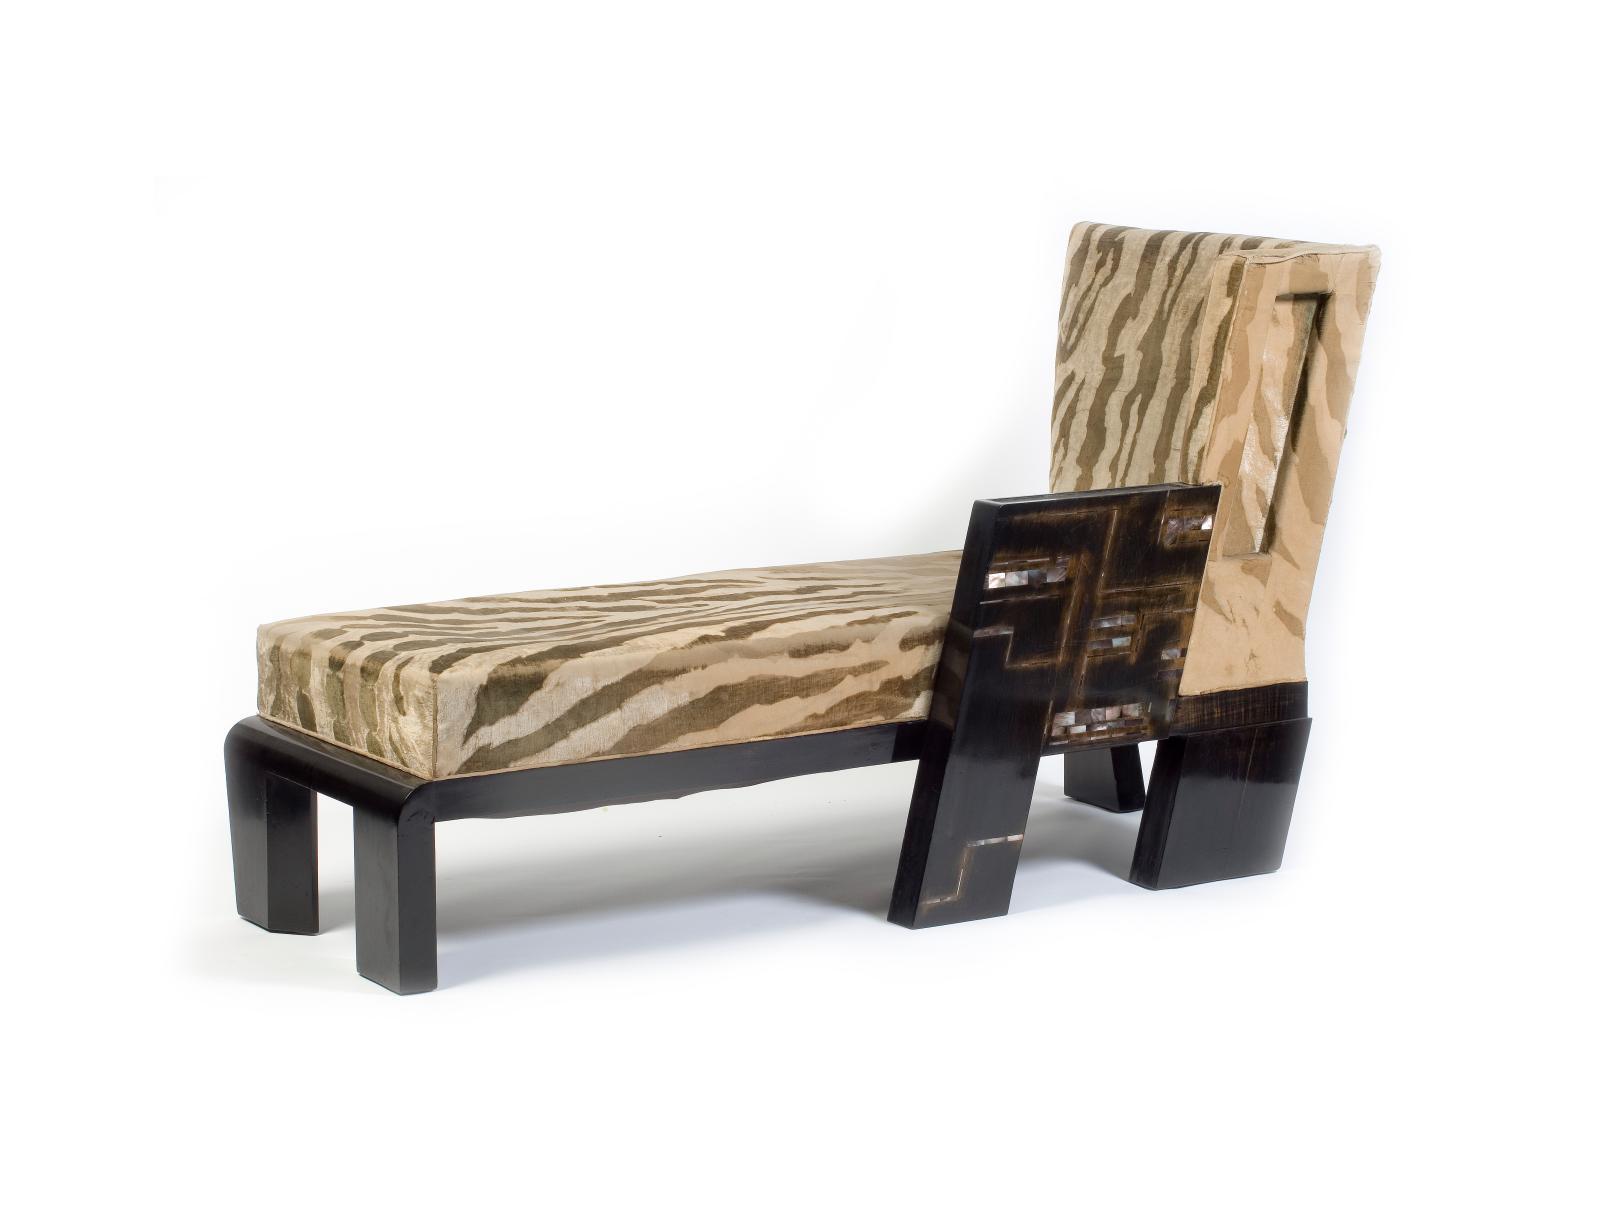 Chaise MAD longue laquée noir, accotoir orné d'incrustations de nacre. Ancienne collection Jacques Doucet.Paris, musée des Arts décoratifs